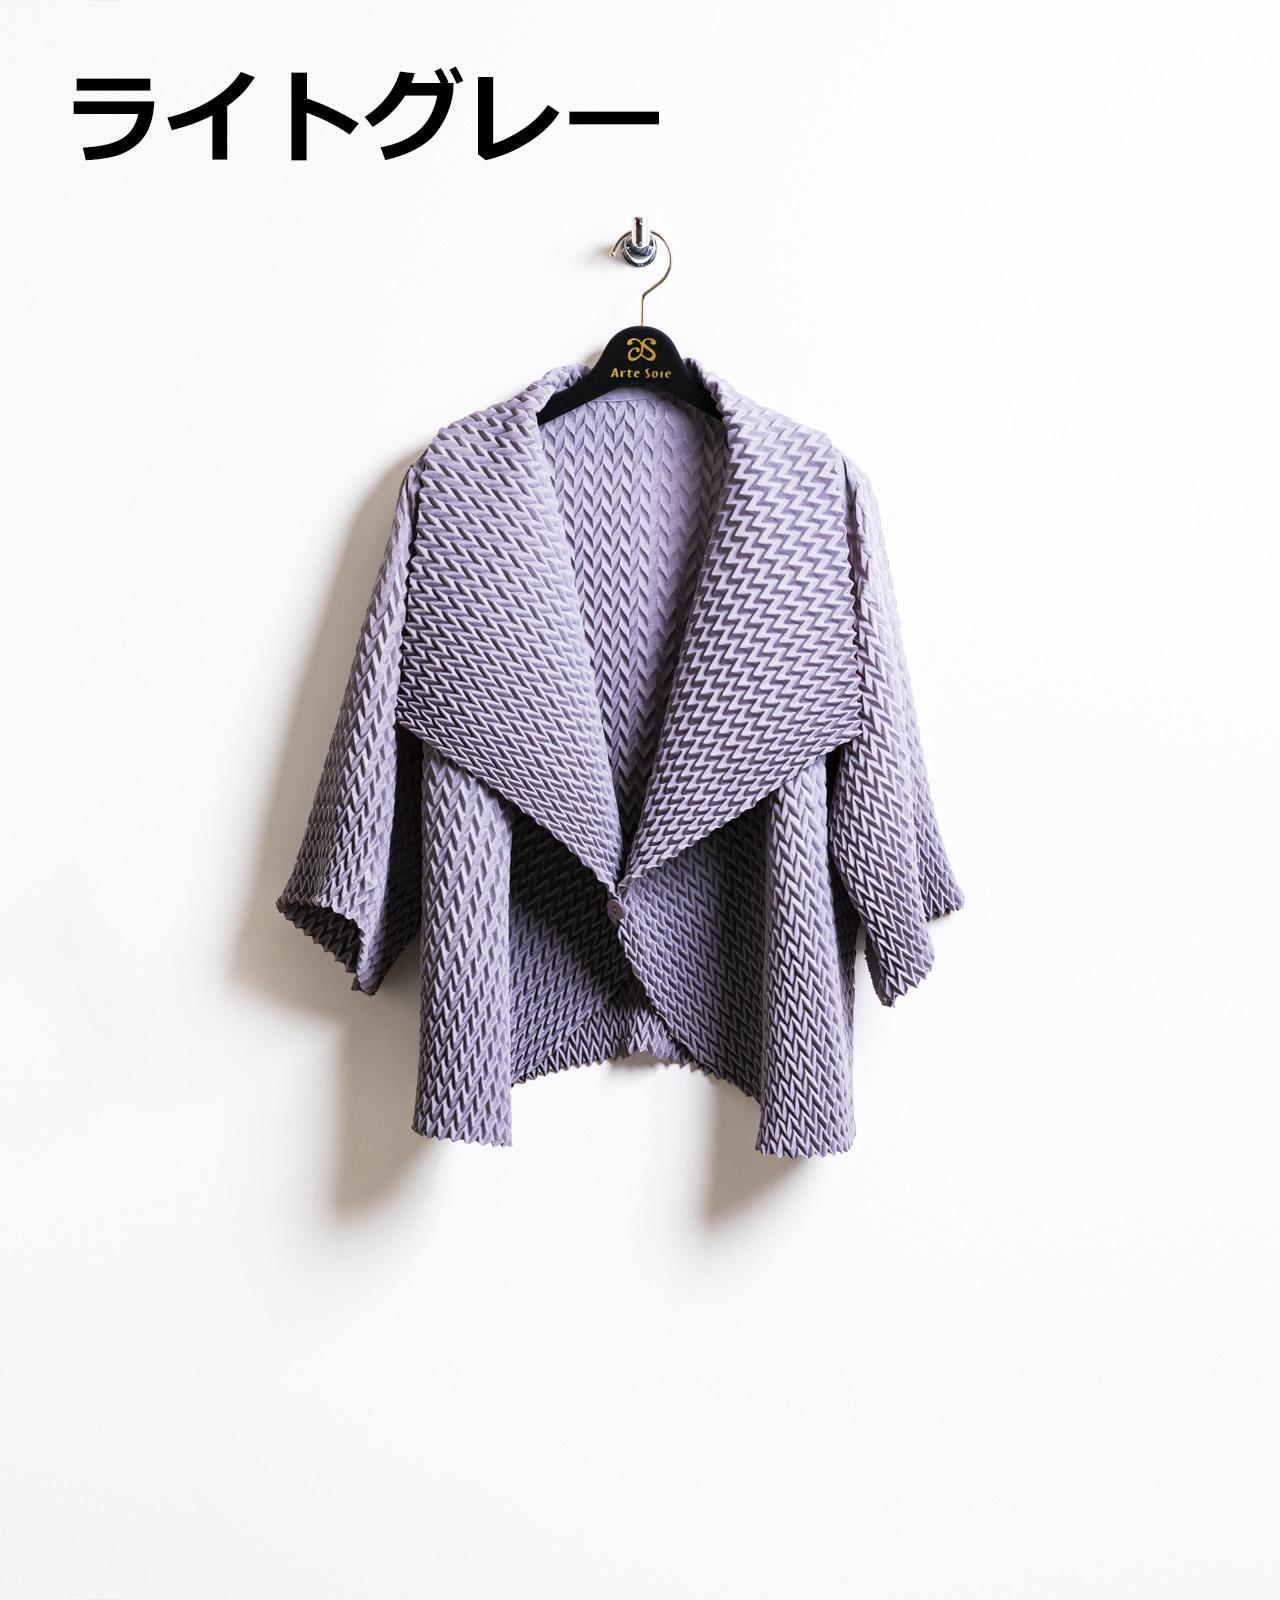 アルテソワ エレガントスタイルのプリーツジャケット